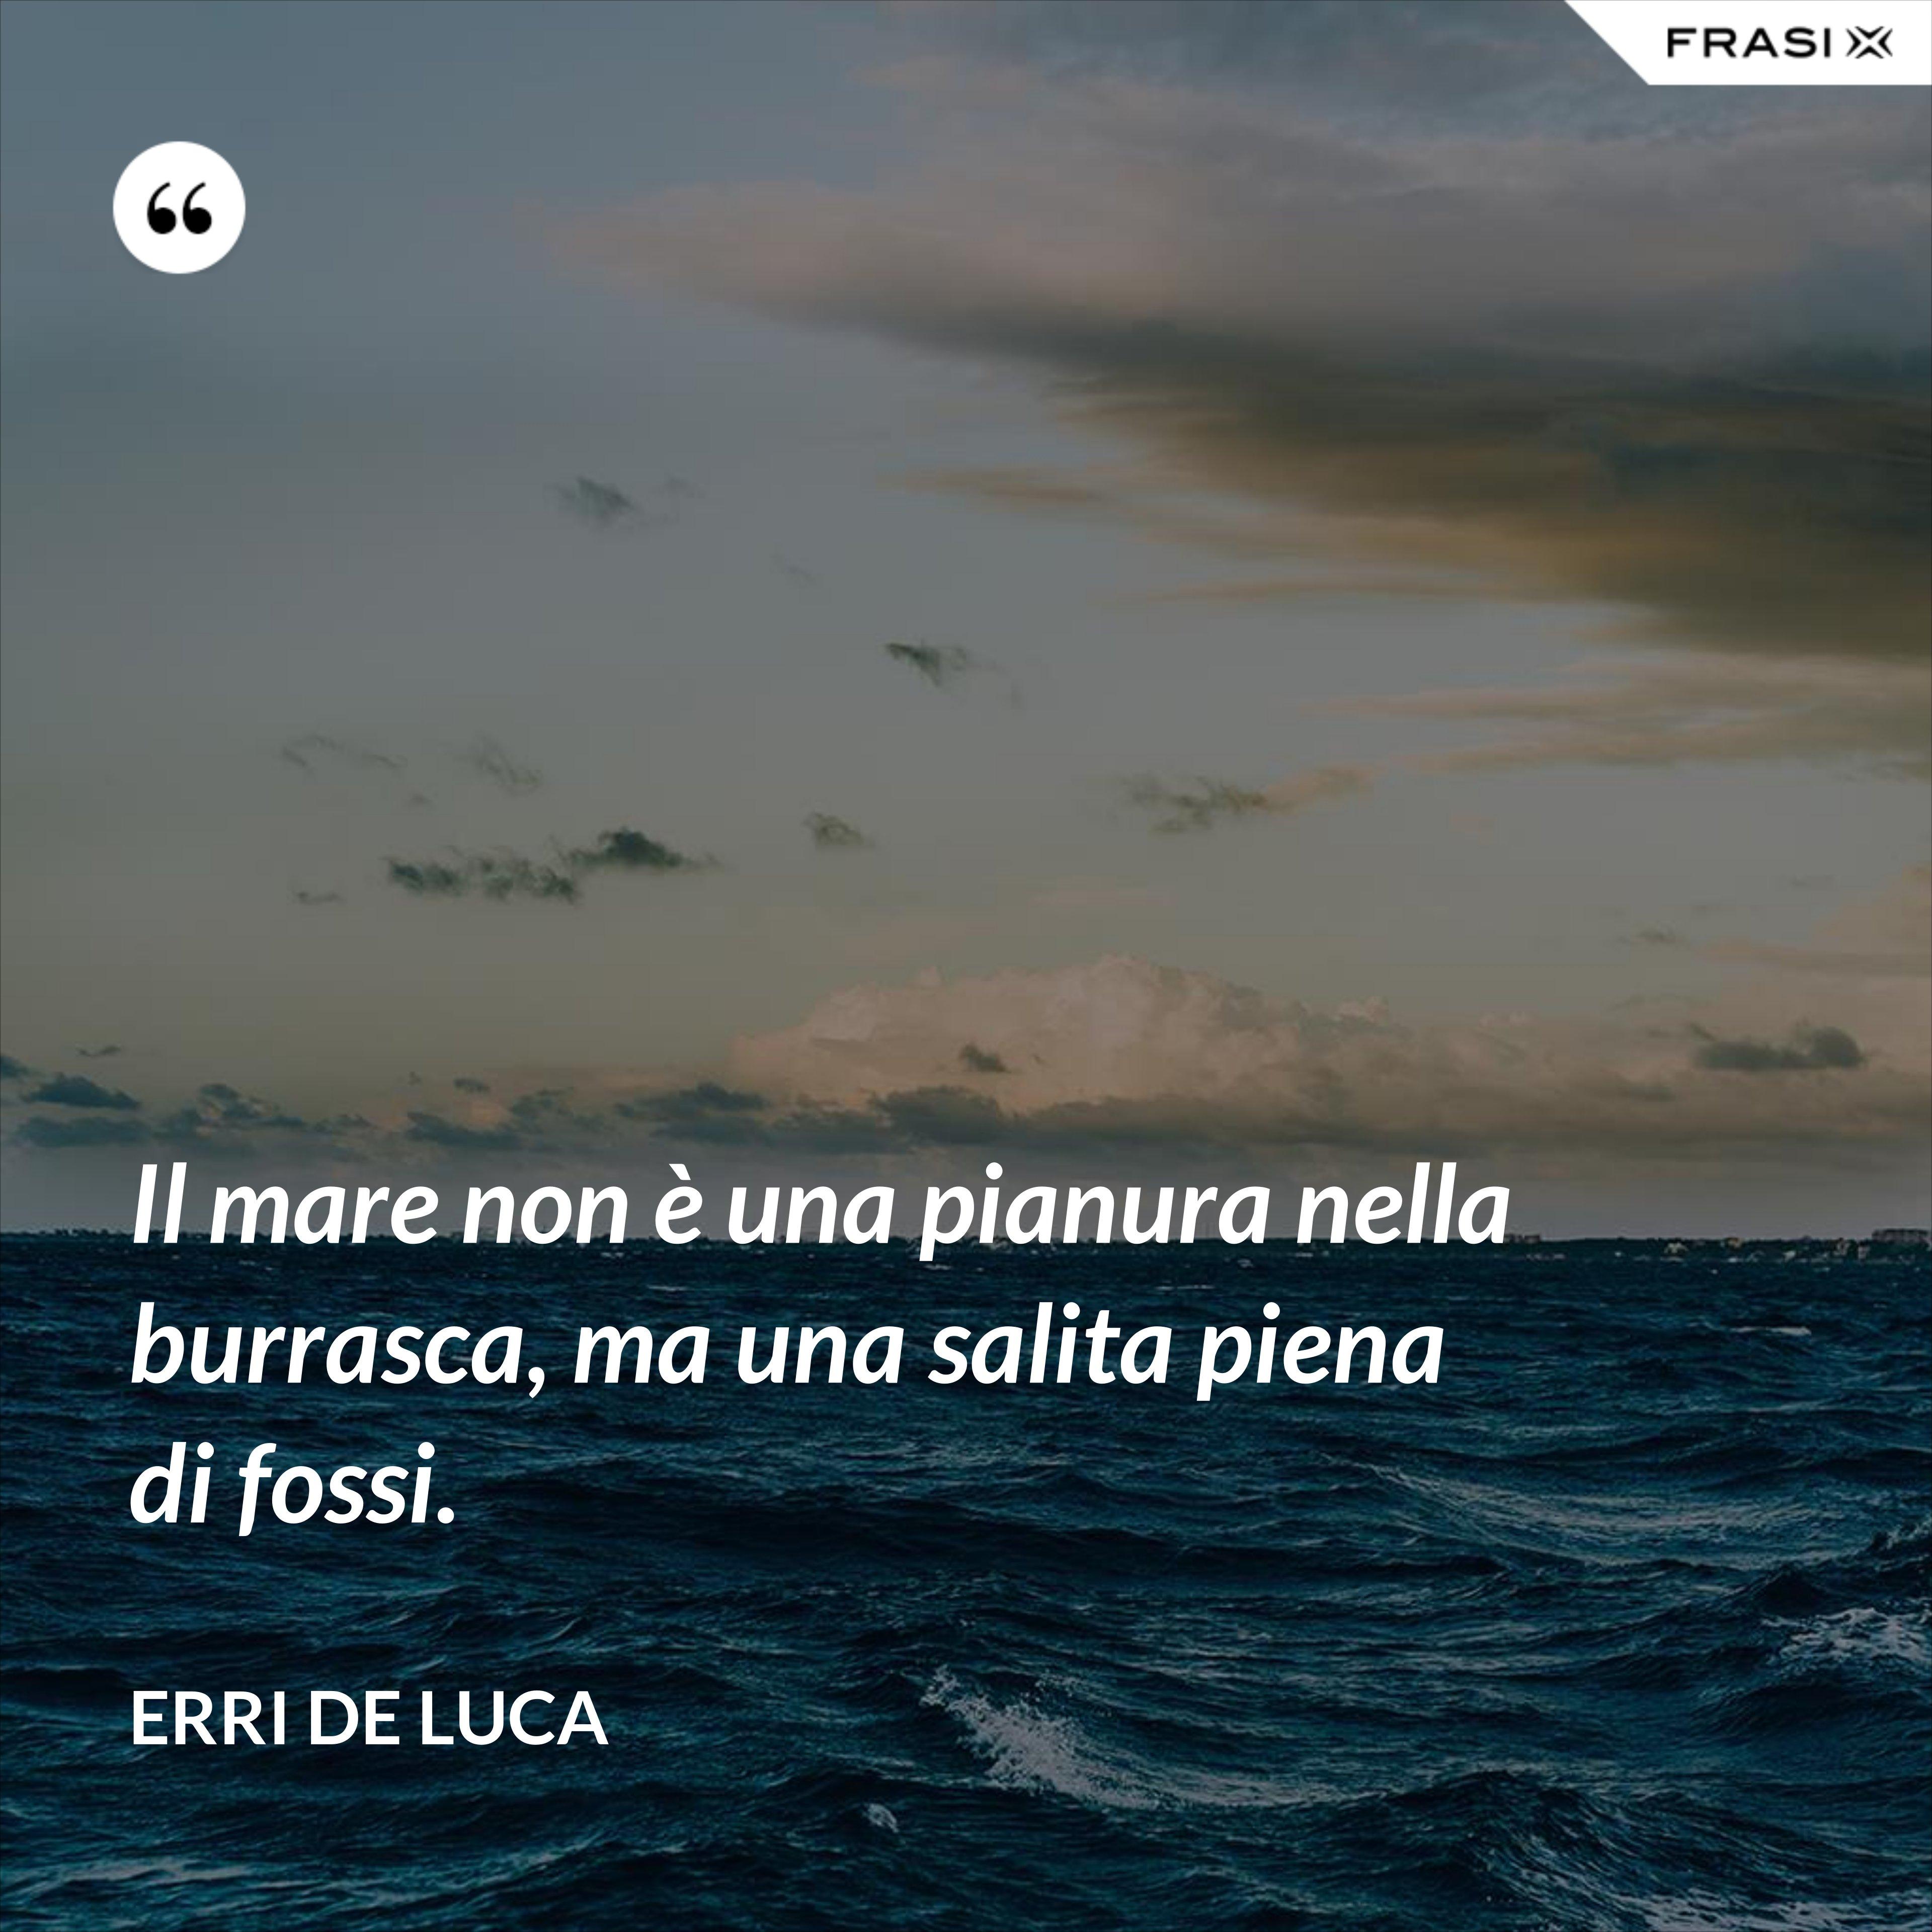 Il mare non è una pianura nella burrasca, ma una salita piena di fossi. - Erri De Luca